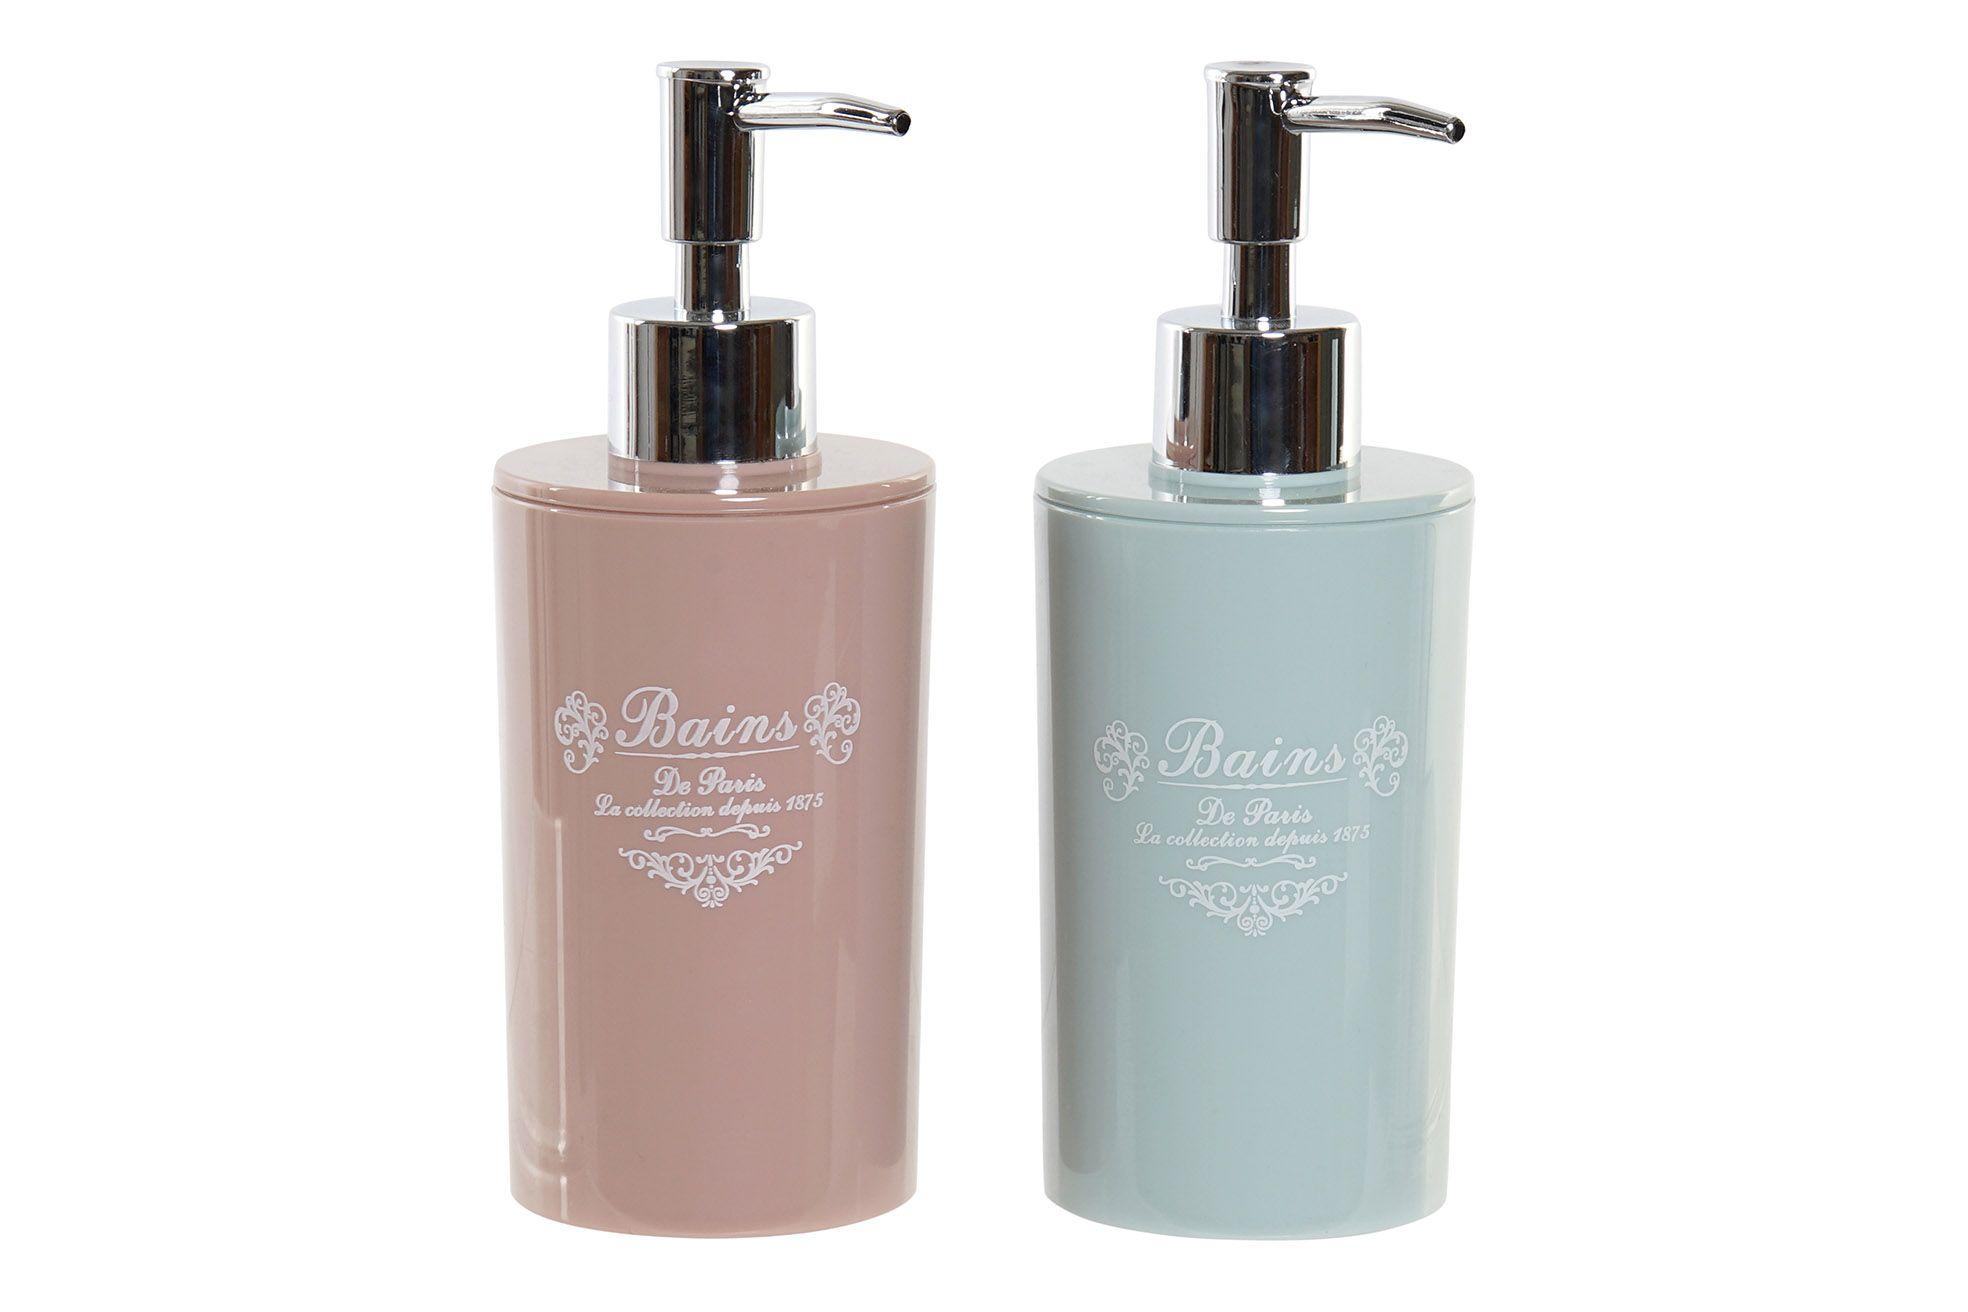 Dispenser sapone liquido acrilico 2 colori art LB-173098 diam7x19h €7